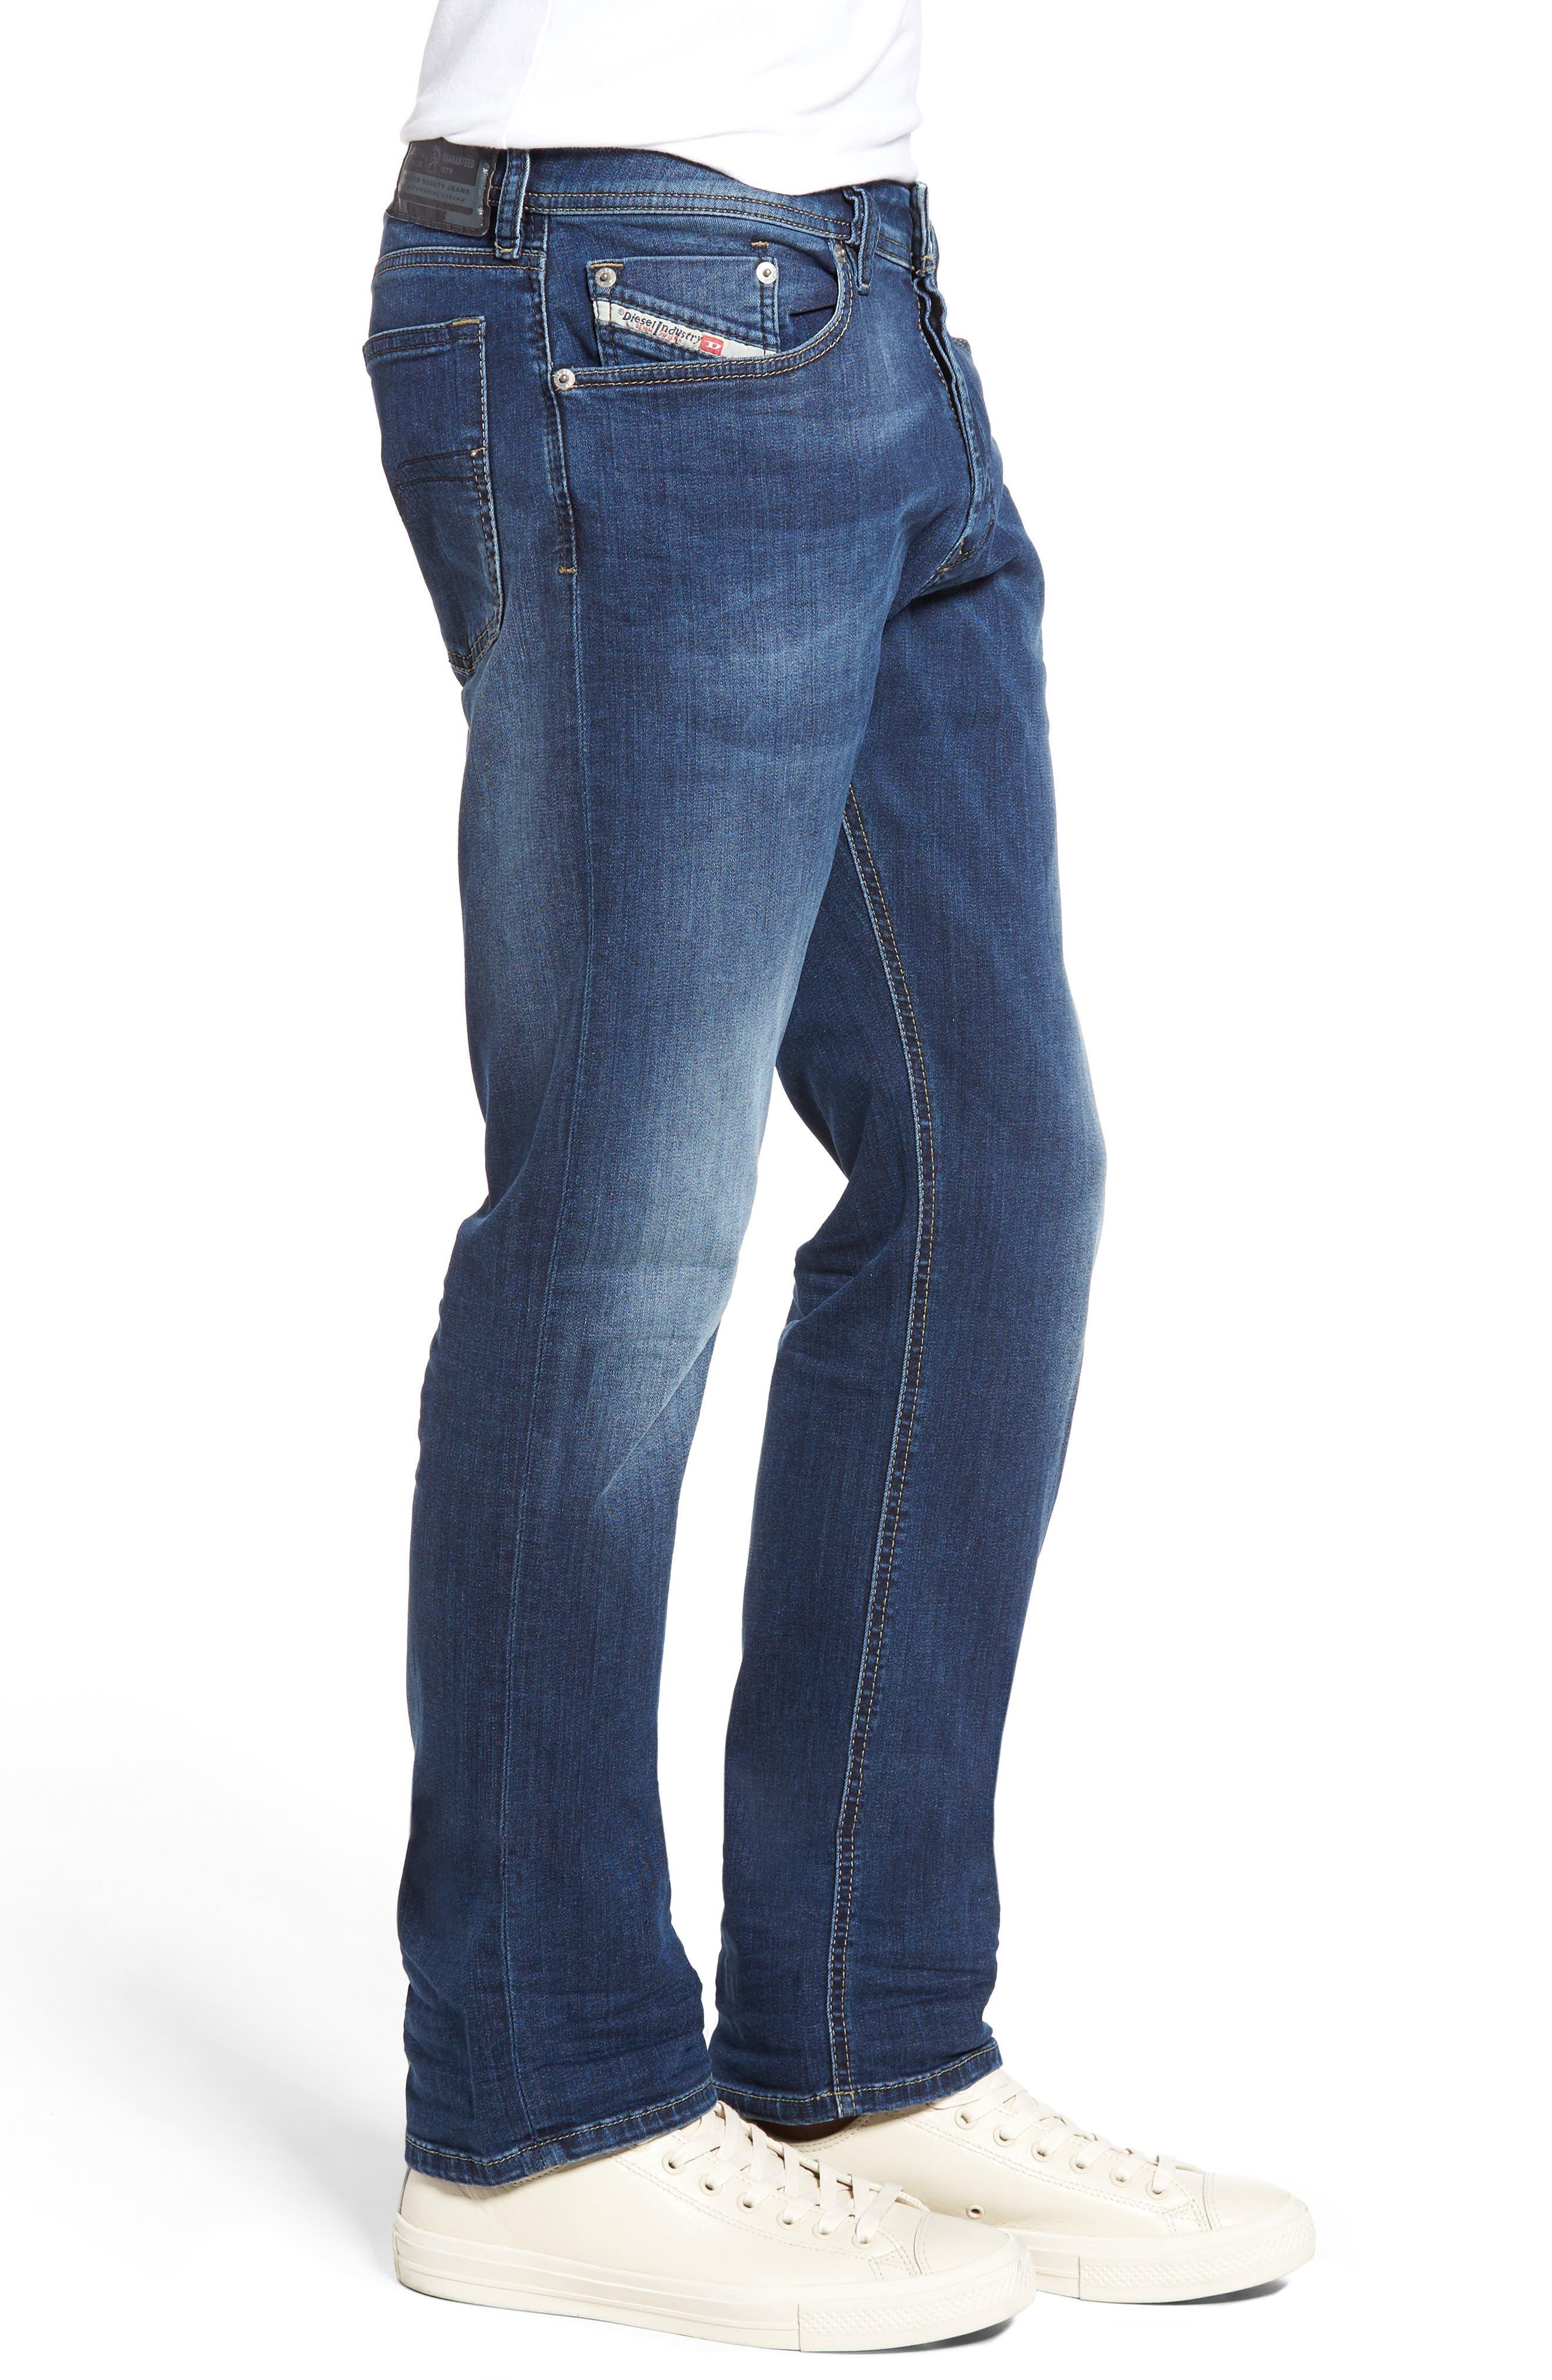 Waykee Straight Leg Jeans,                             Alternate thumbnail 3, color,                             400